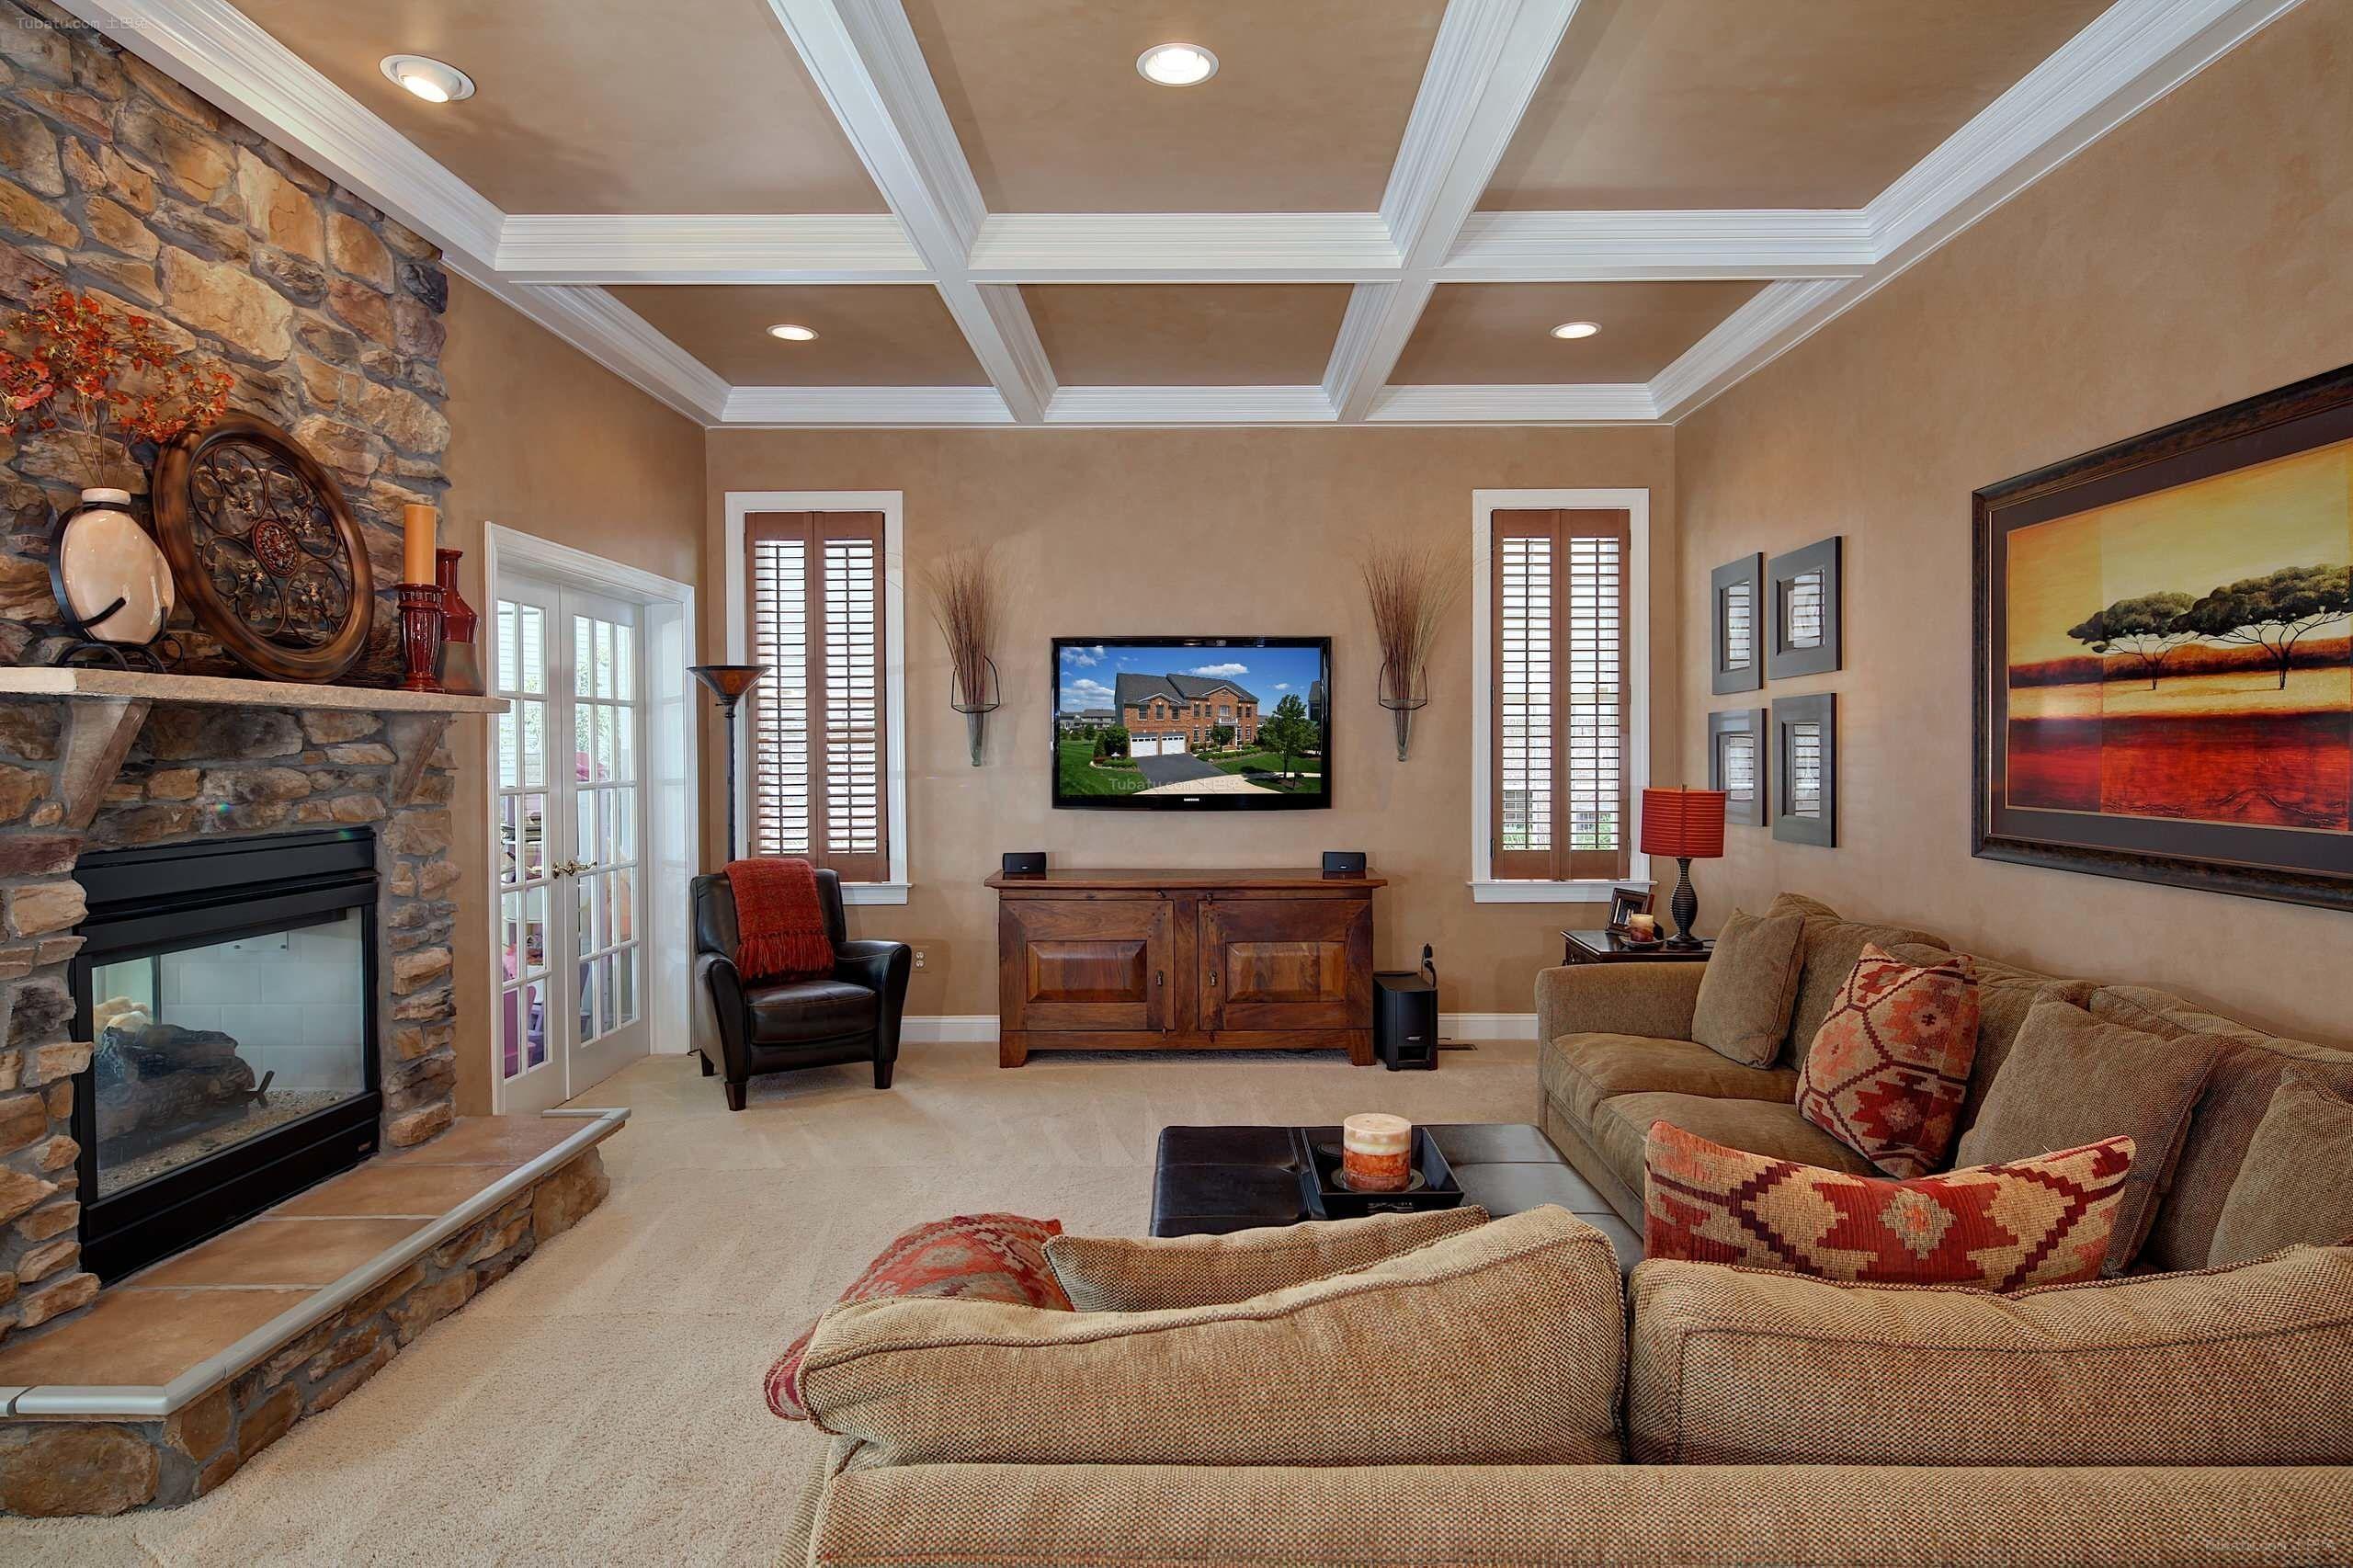 30平方復式簡歐風格客廳射燈吊頂裝修效果圖